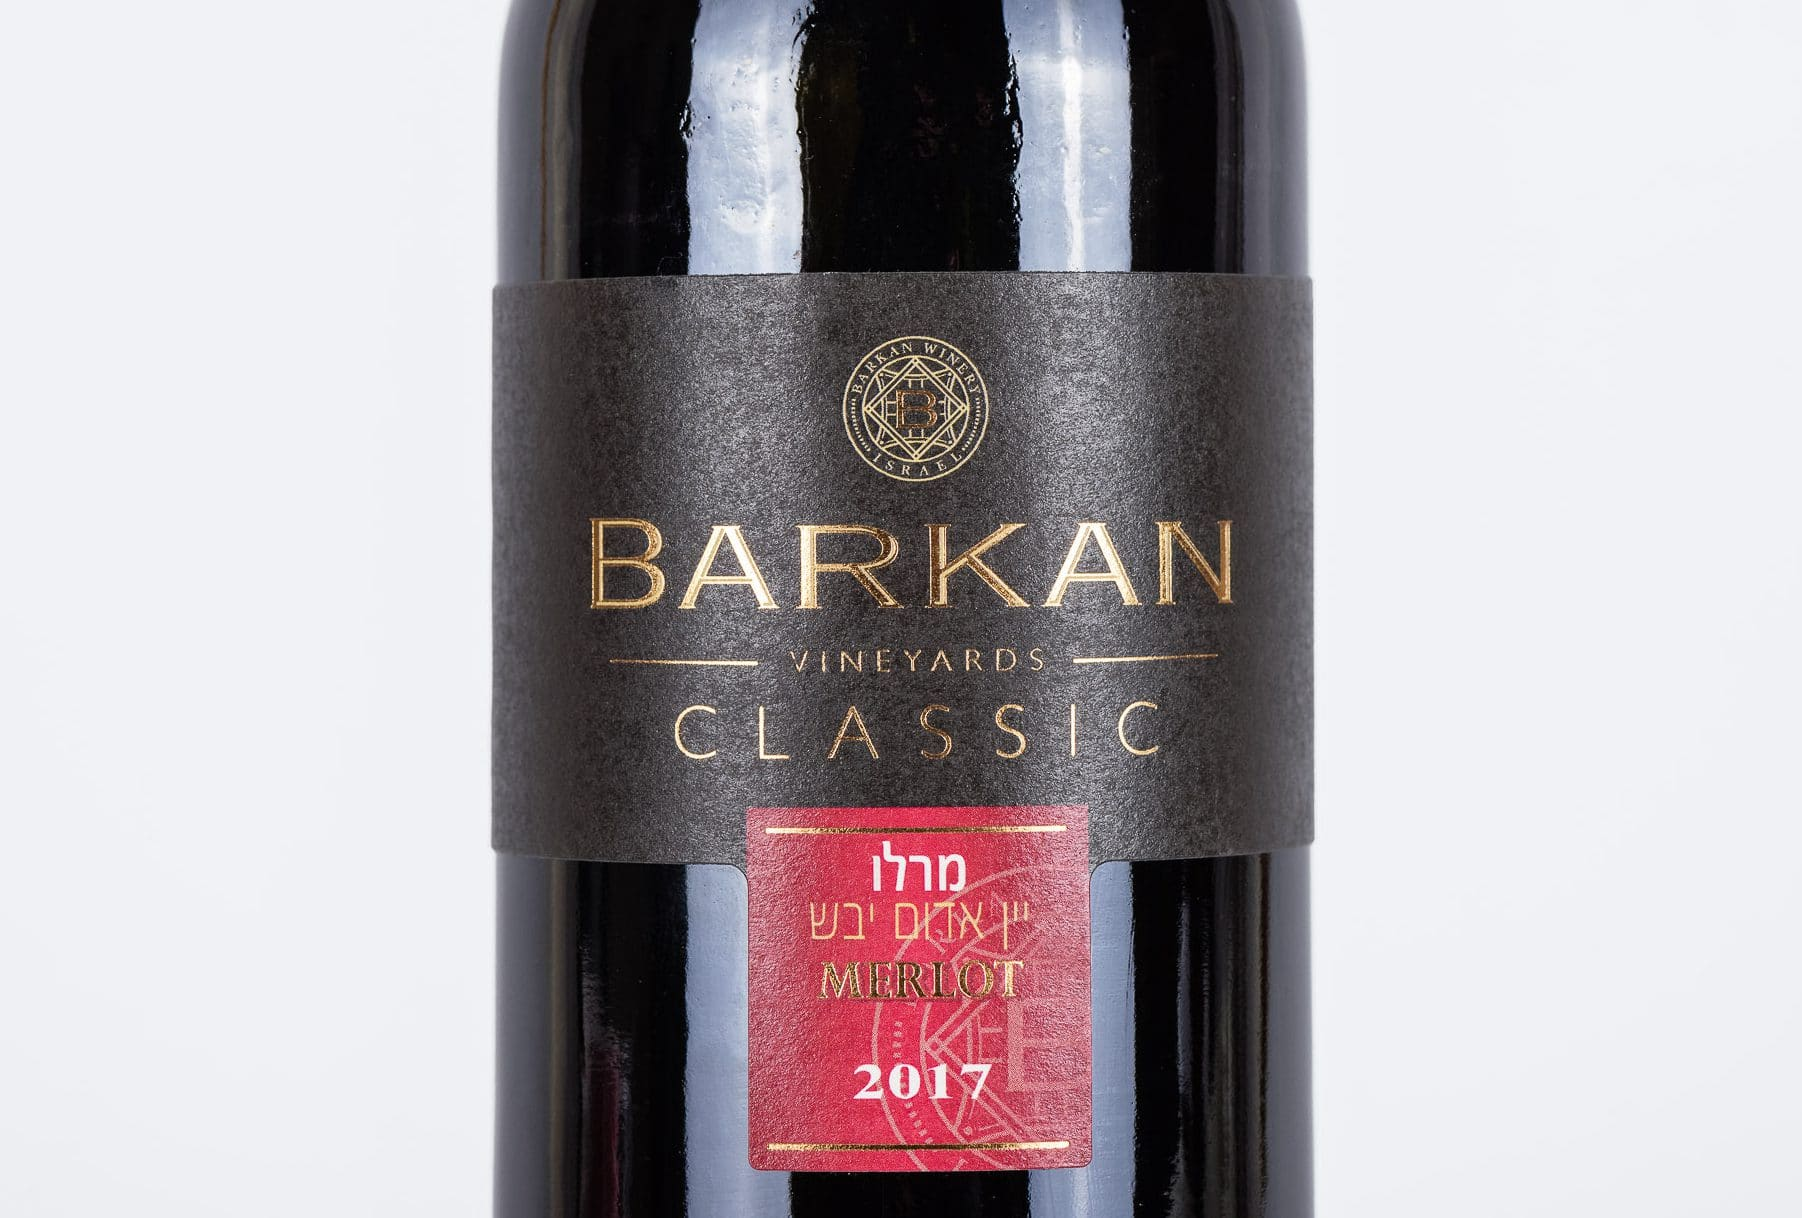 הדפסת מדבקות לבקבוקי יין יקב ברקן, מרלו